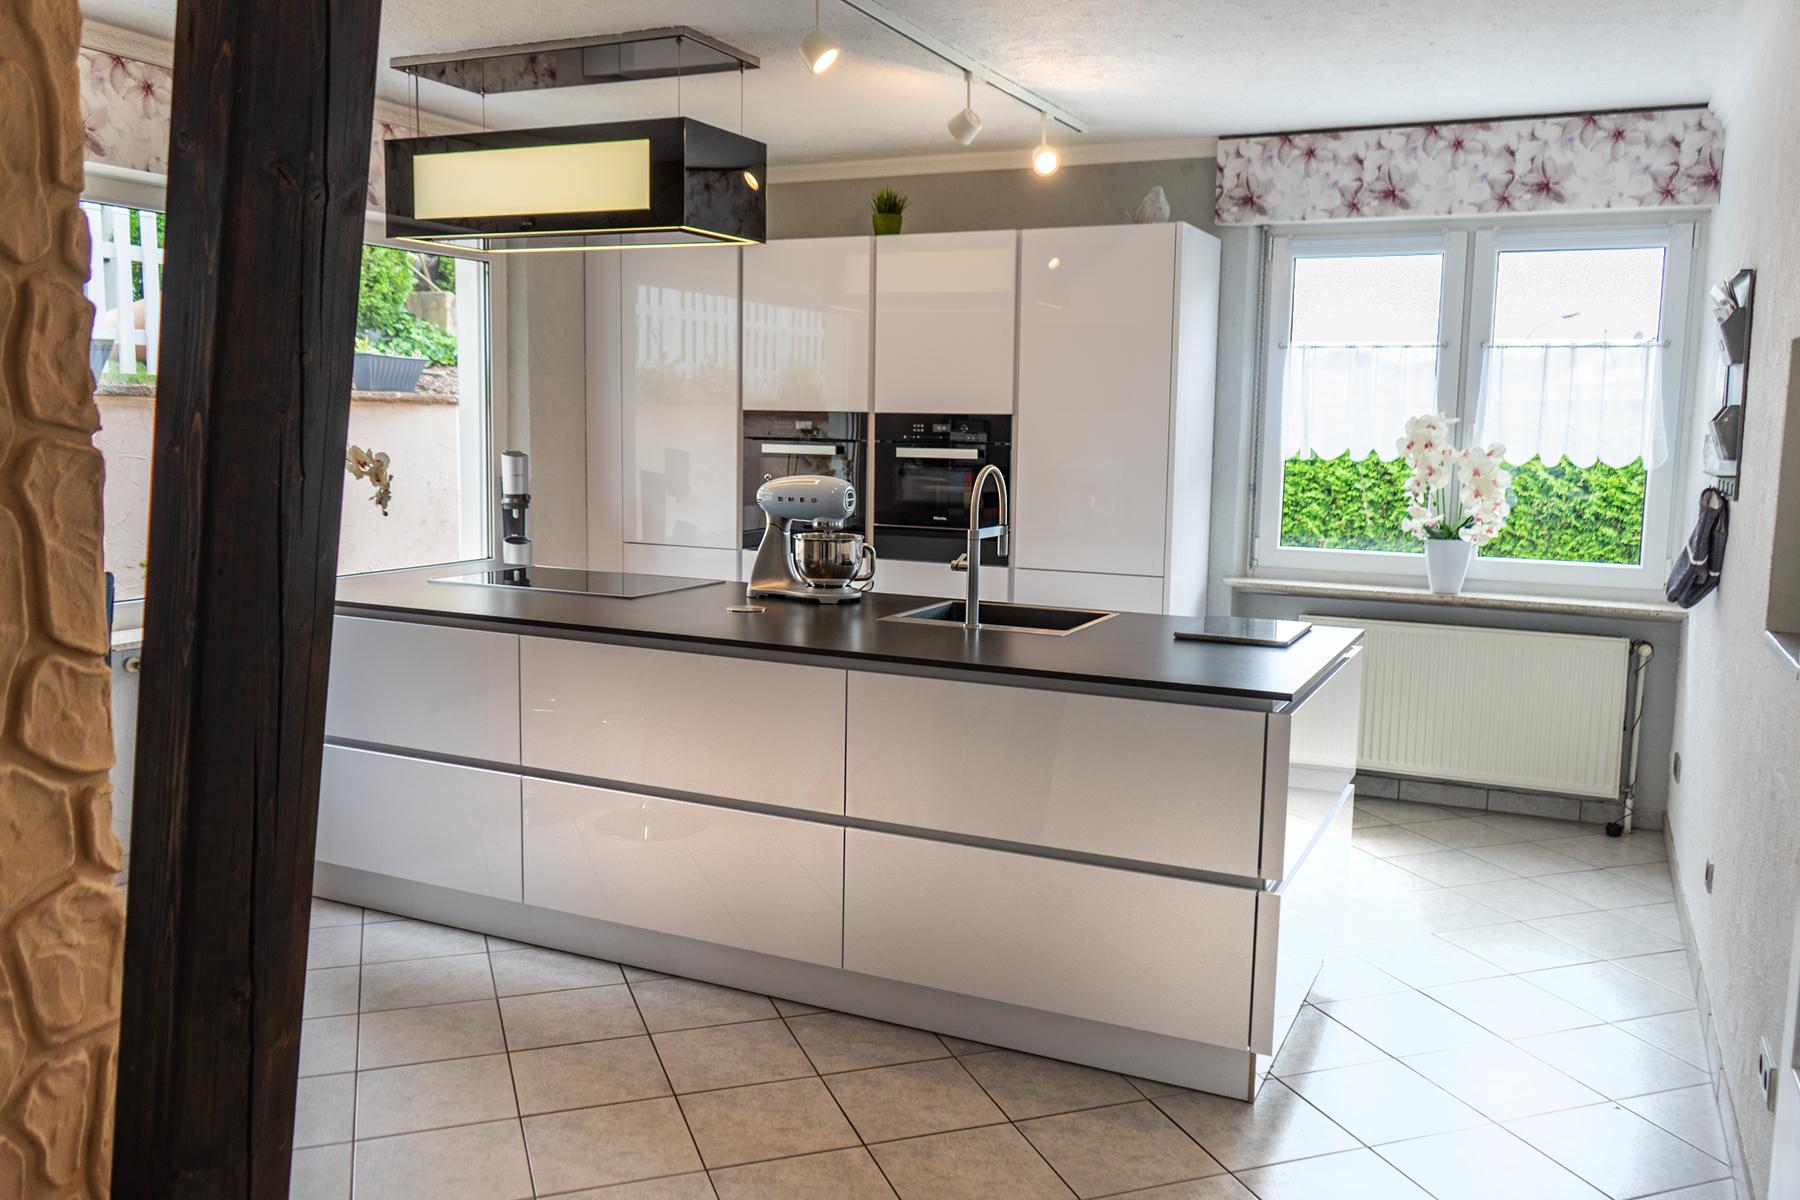 SAAR Küchen Ausstellungsküche Inselküche Miele Differten